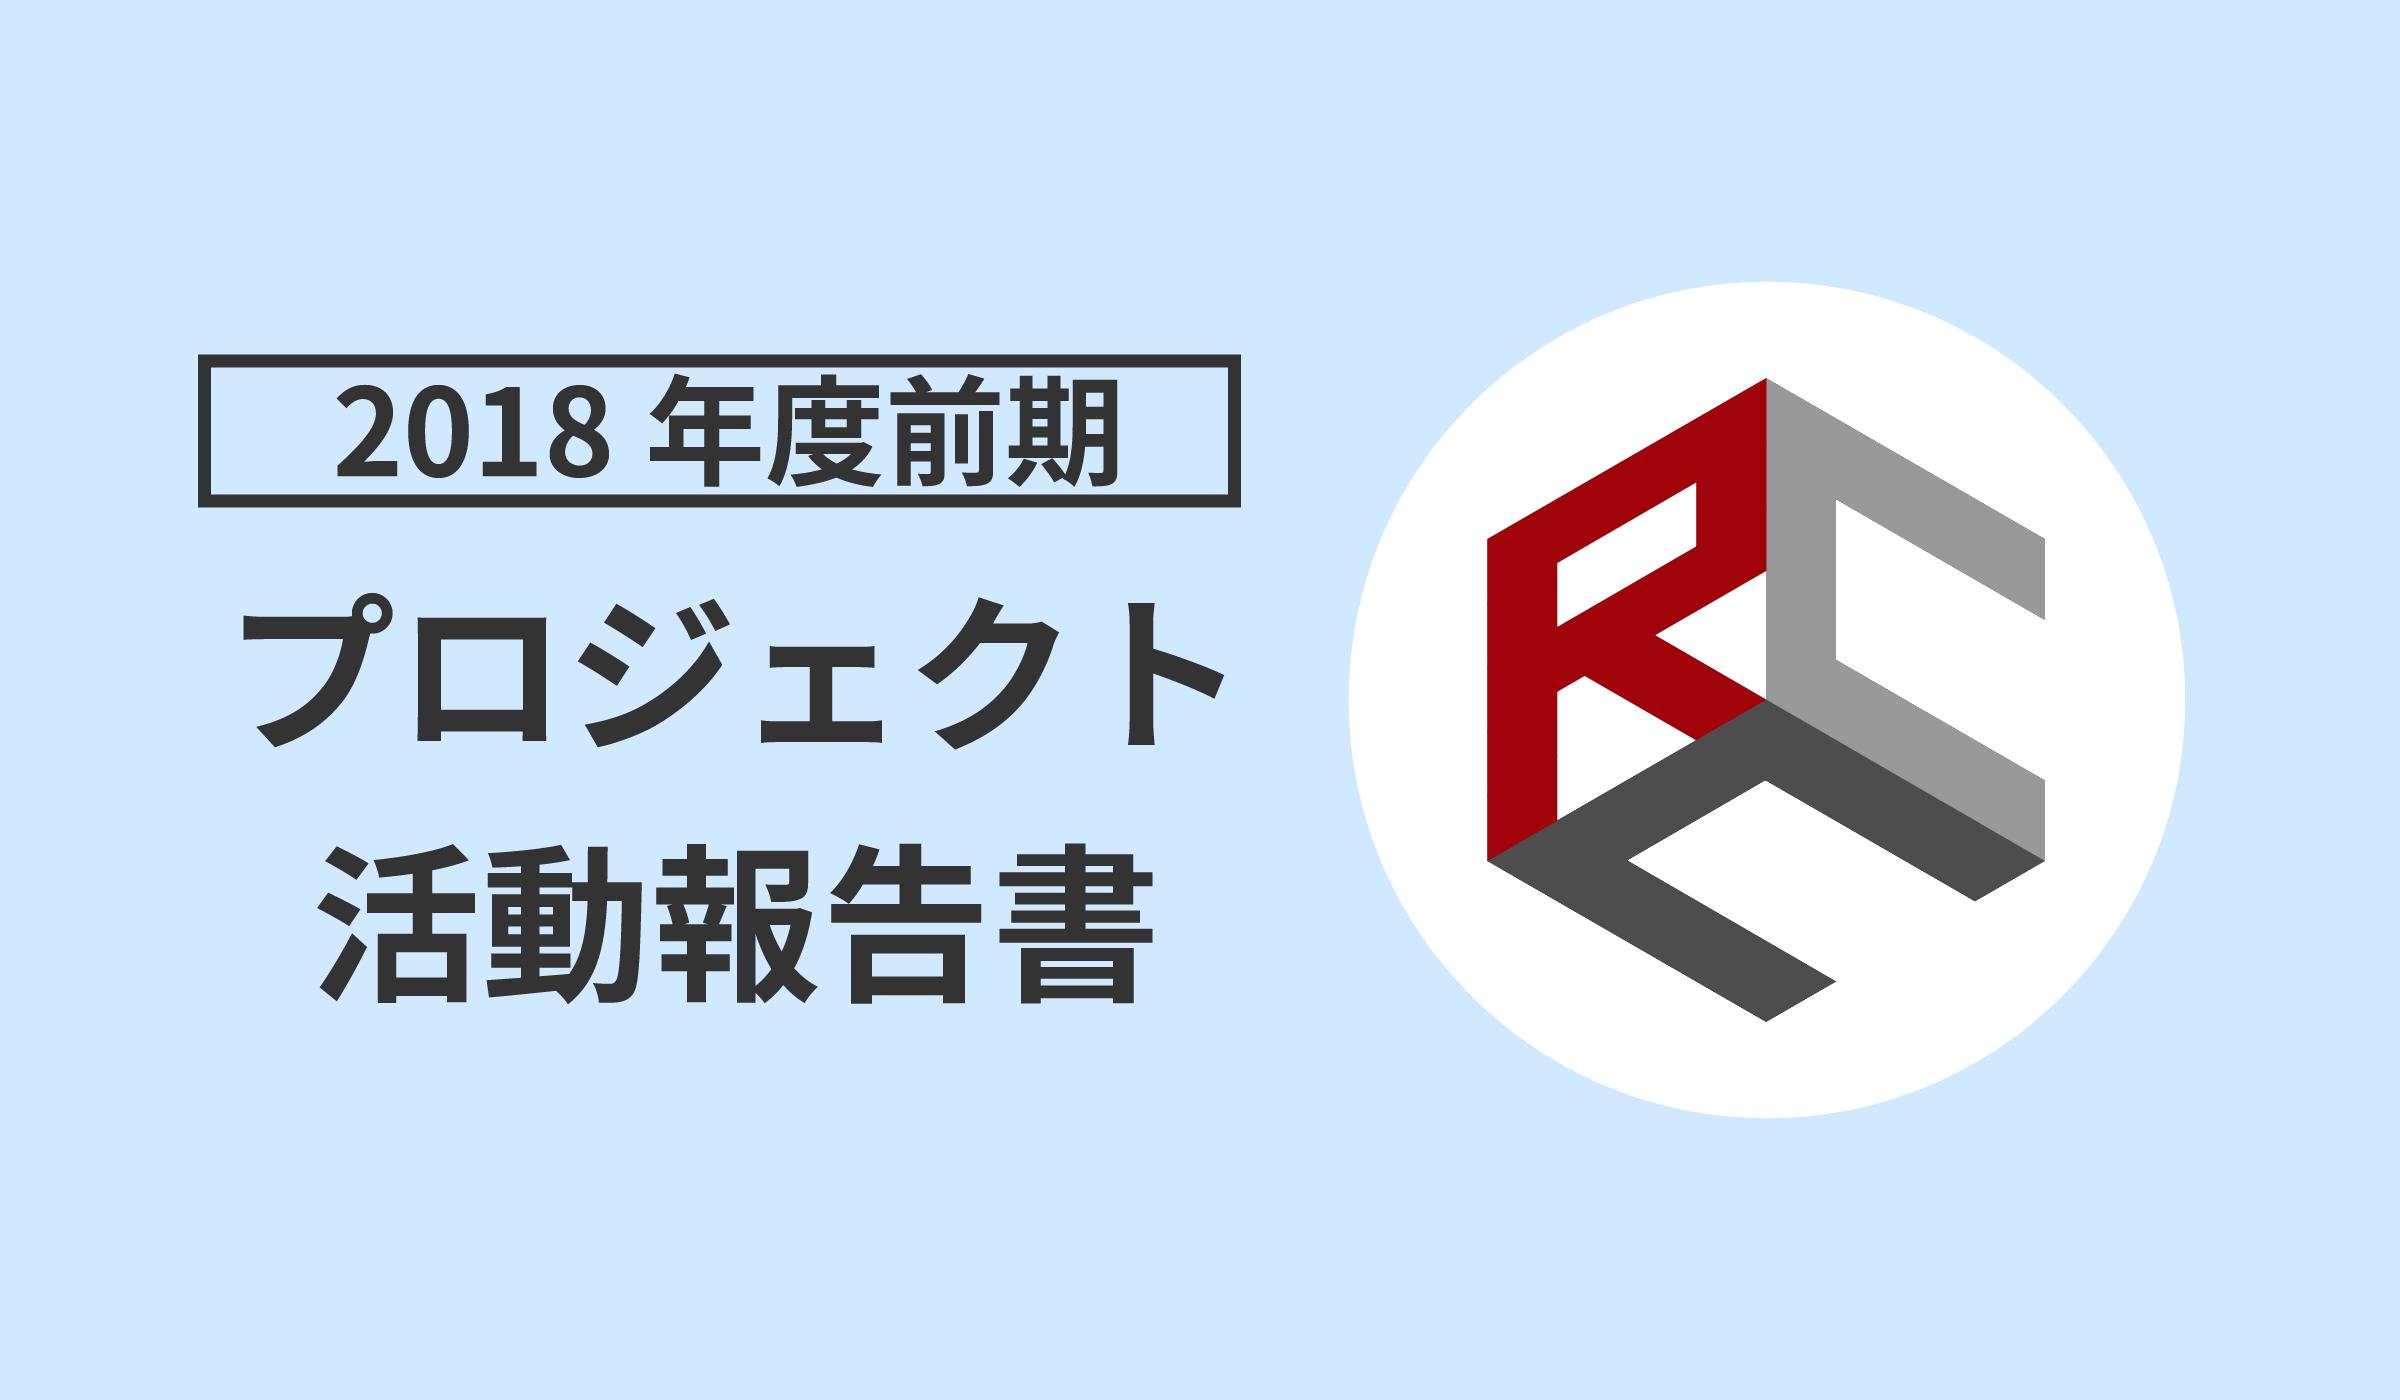 2018年度前期プロジェクト活動報告書